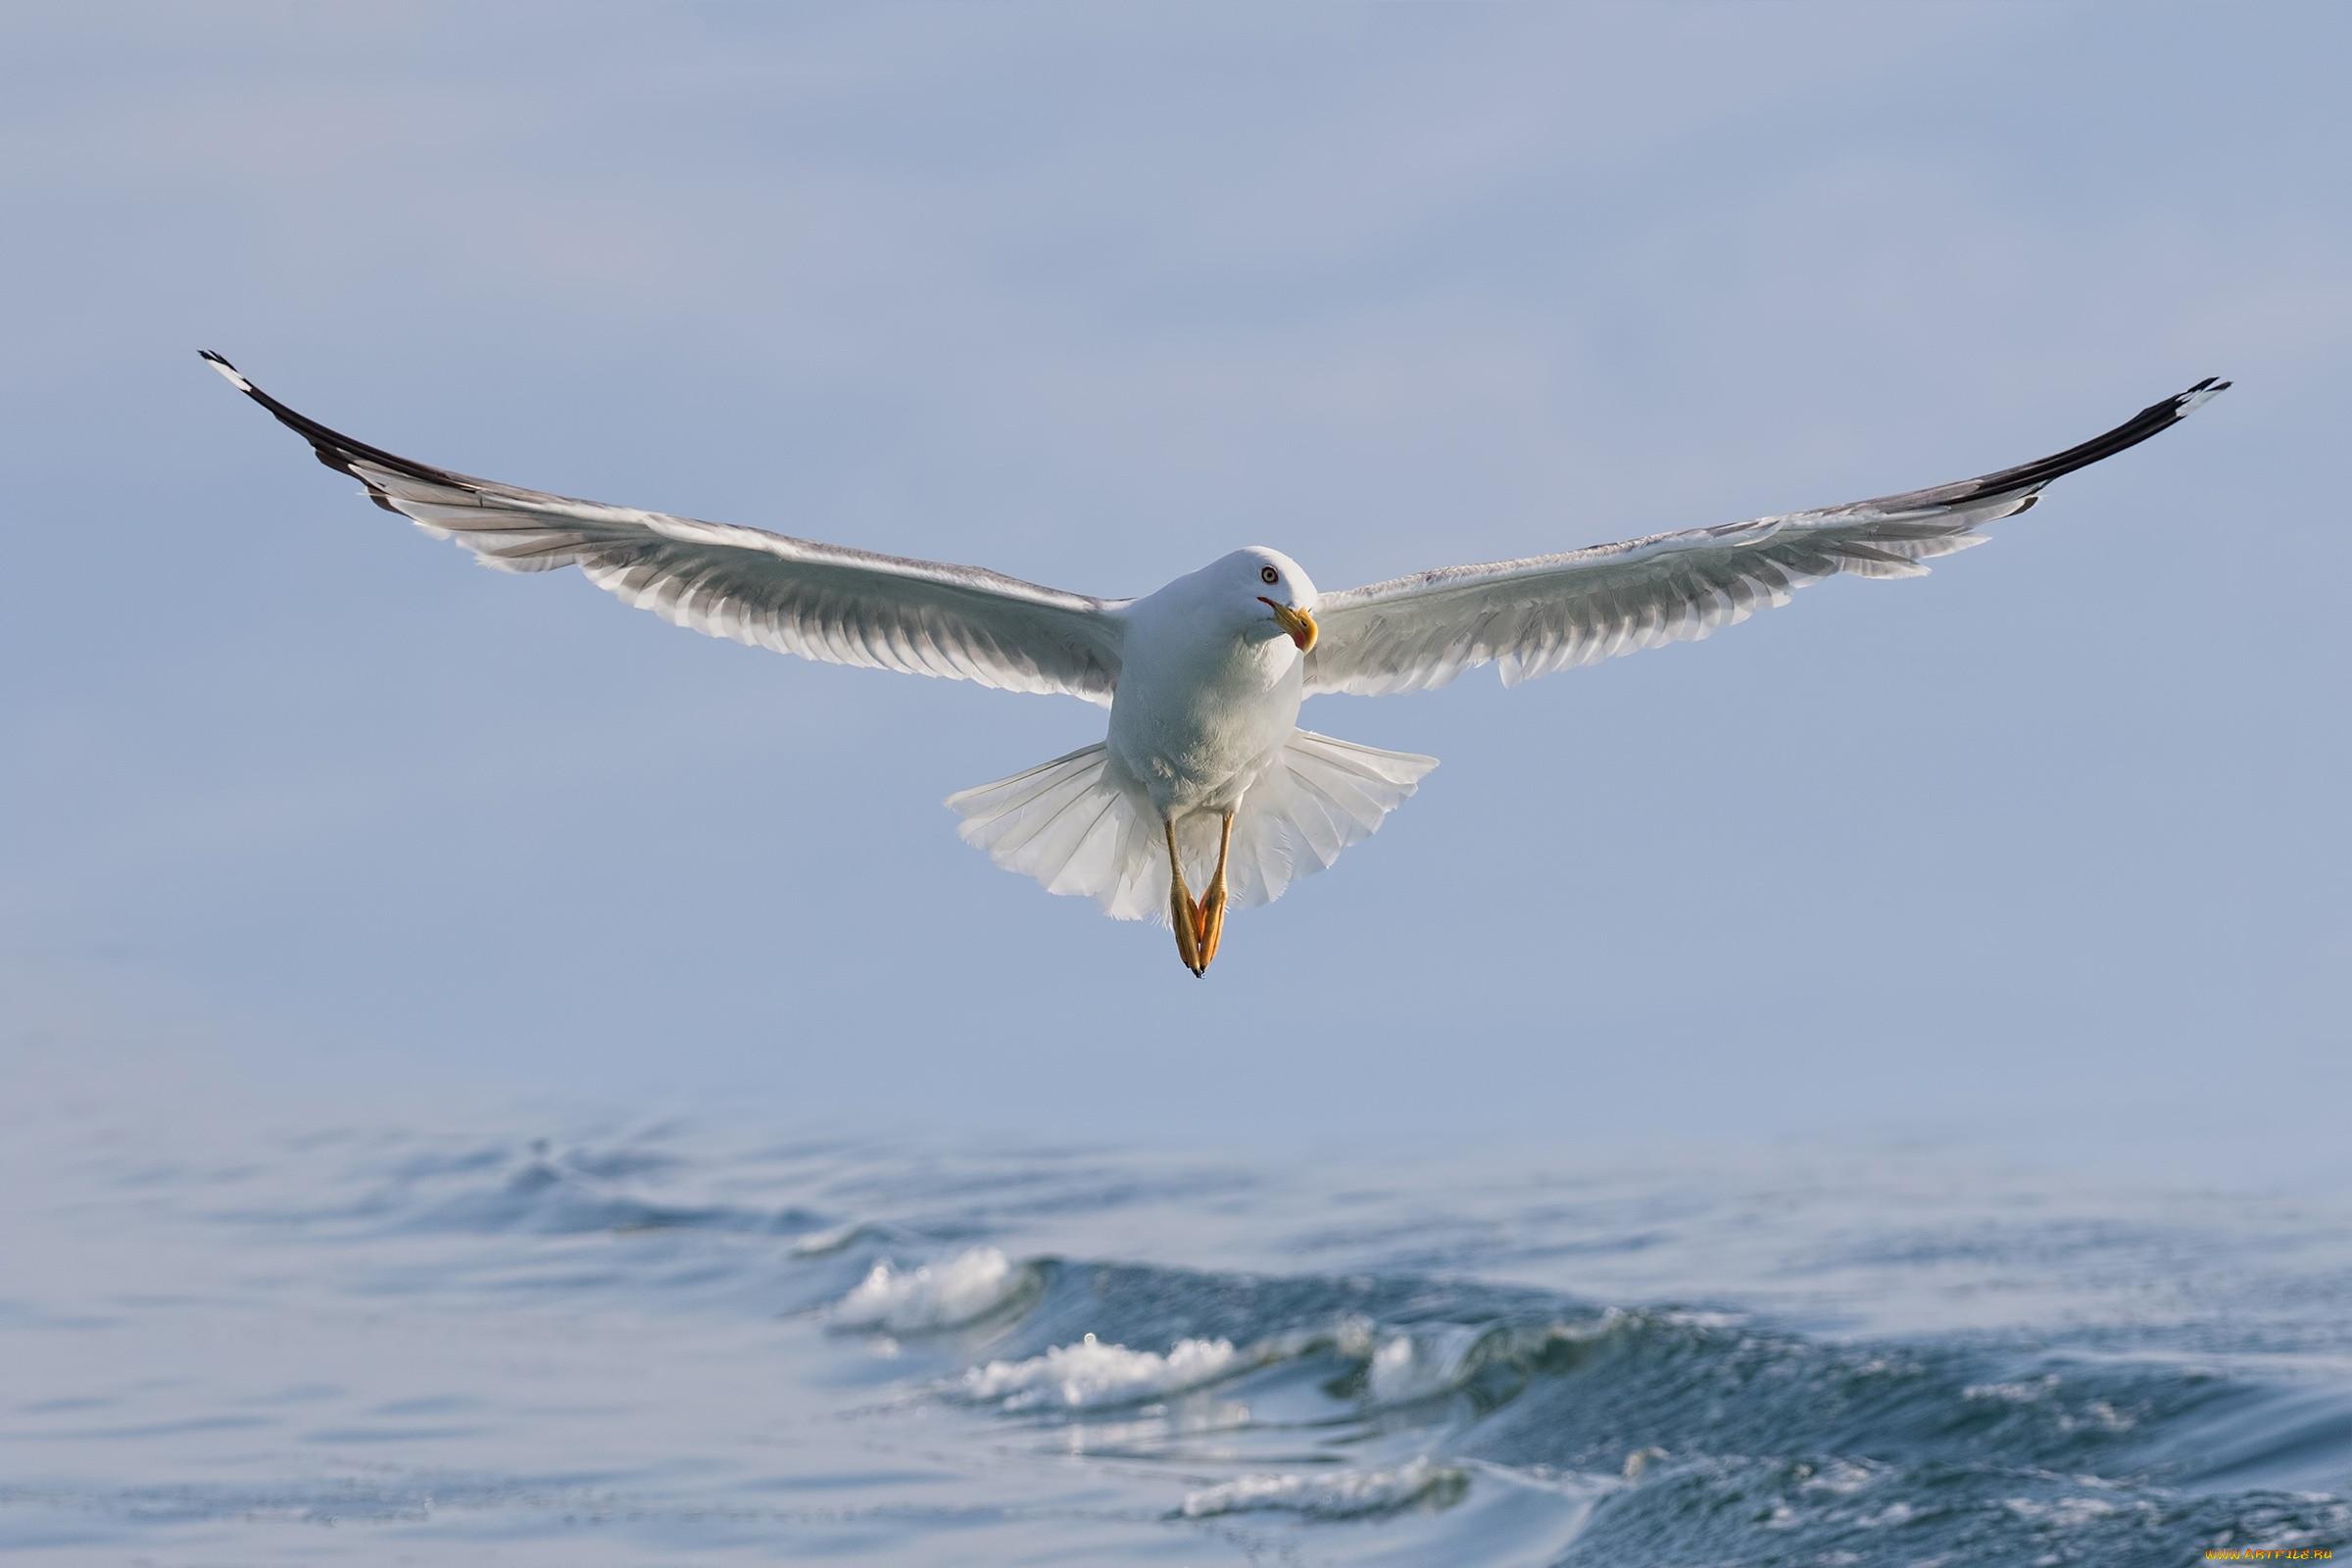 фото летящих чаек над морем ходите художественные